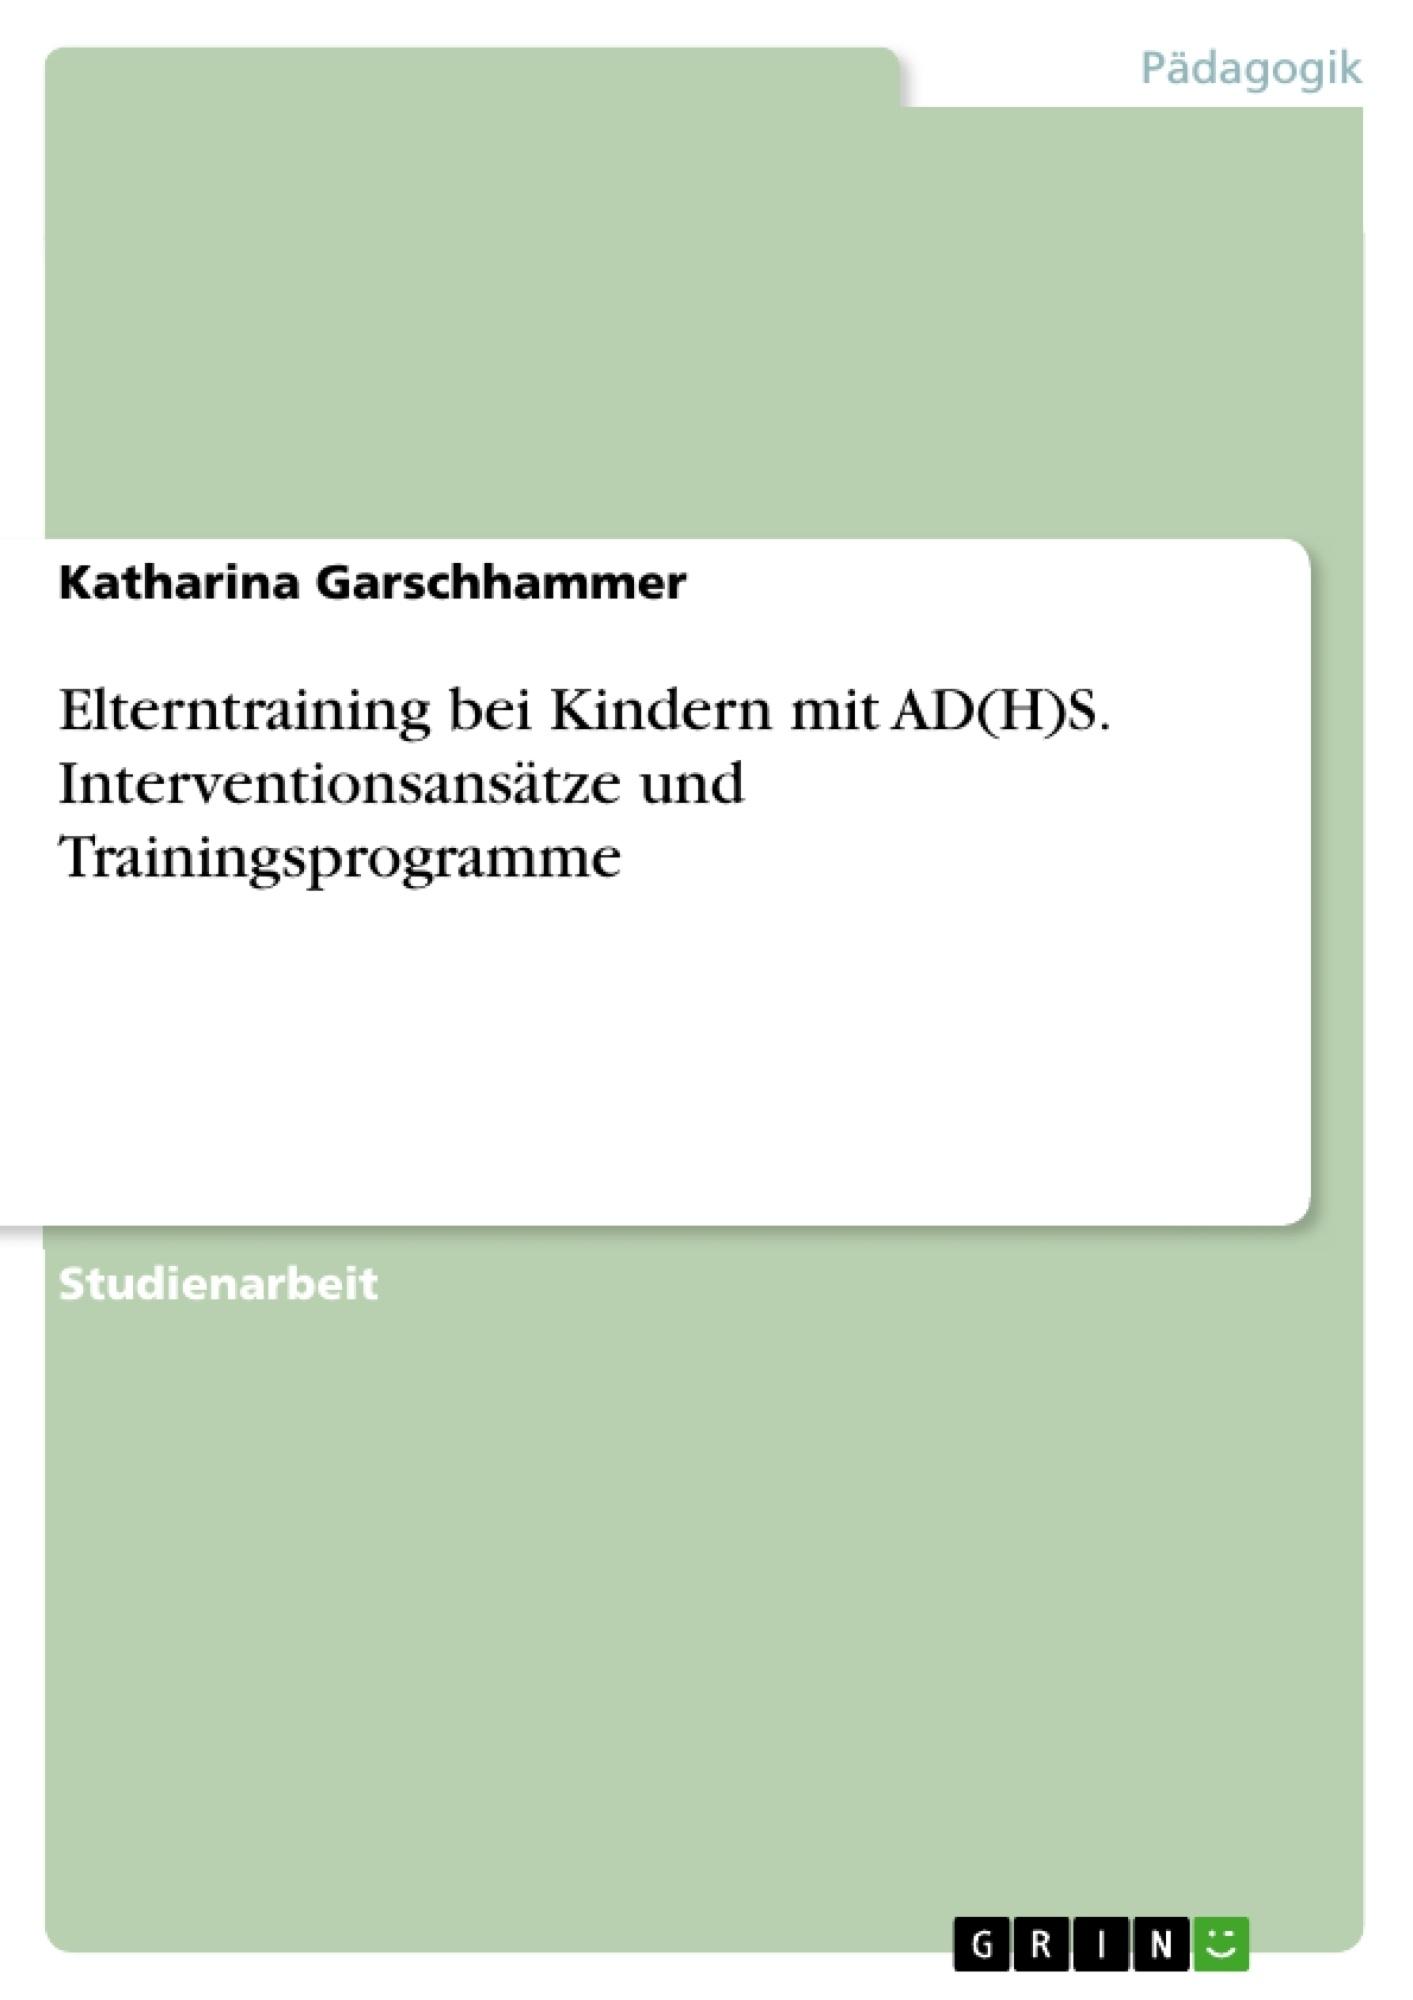 Titel: Elterntraining bei Kindern mit AD(H)S. Interventionsansätze und Trainingsprogramme